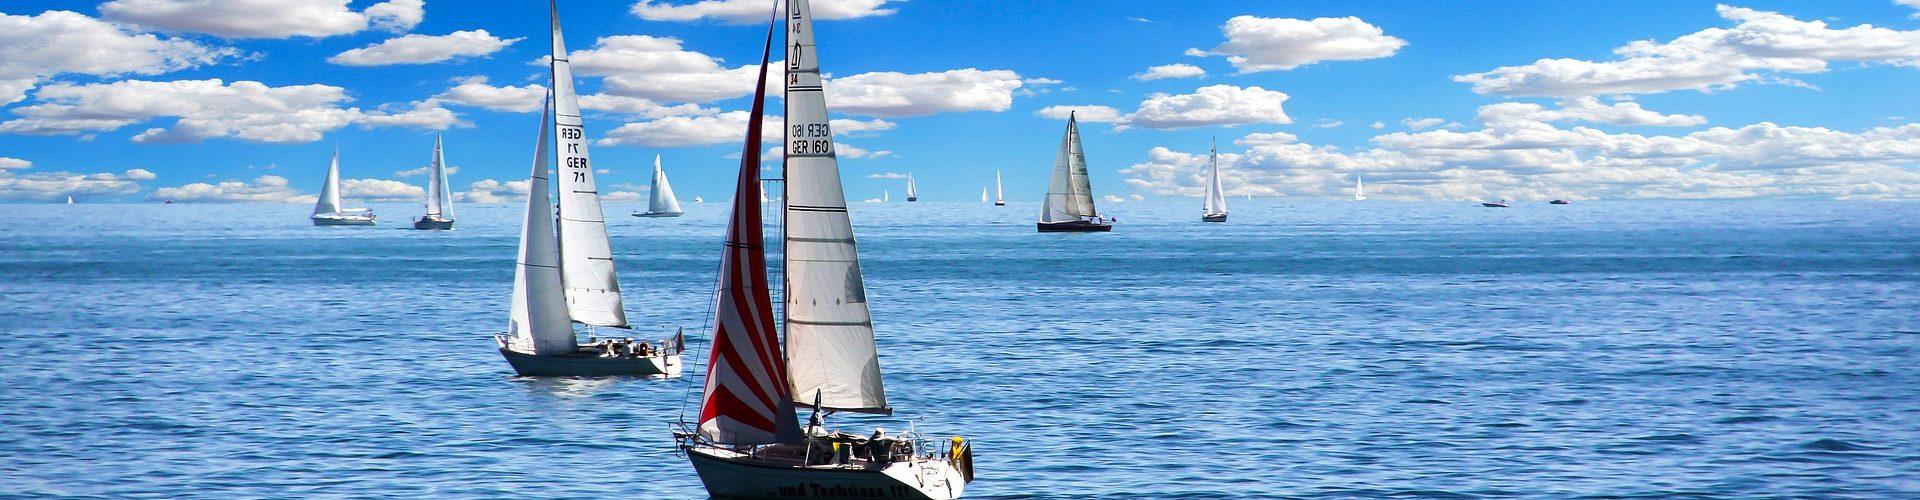 segeln lernen in Dahme segelschein machen in Dahme 1920x500 - Segeln lernen in Dahme